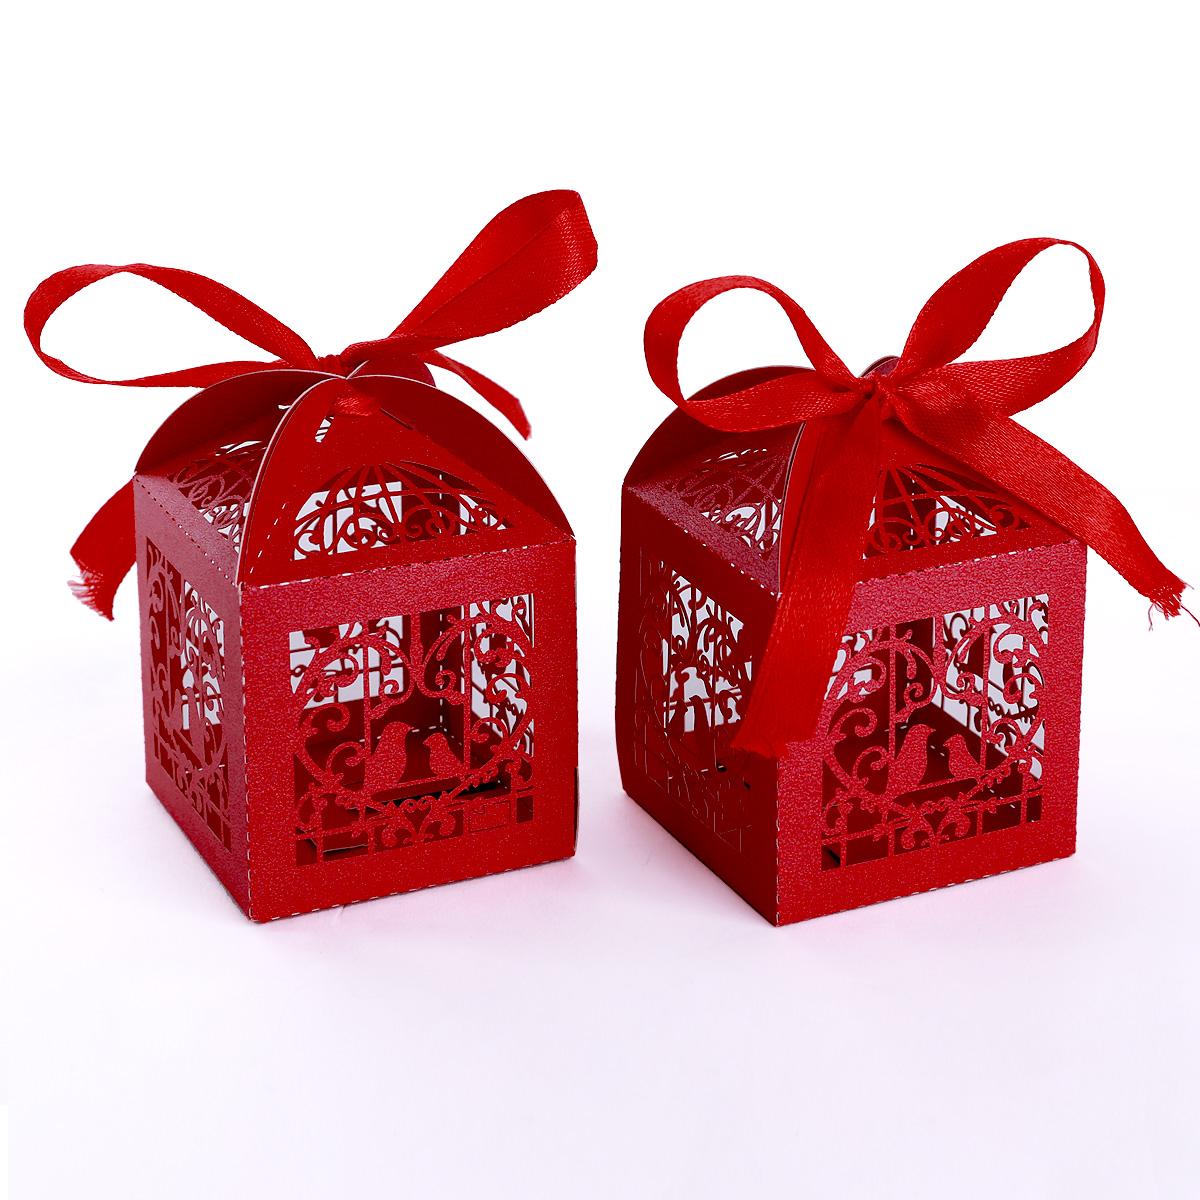 25 x hochzeit gastgeschenk geschenkbox rot bonboniere box kartonage hamburg. Black Bedroom Furniture Sets. Home Design Ideas